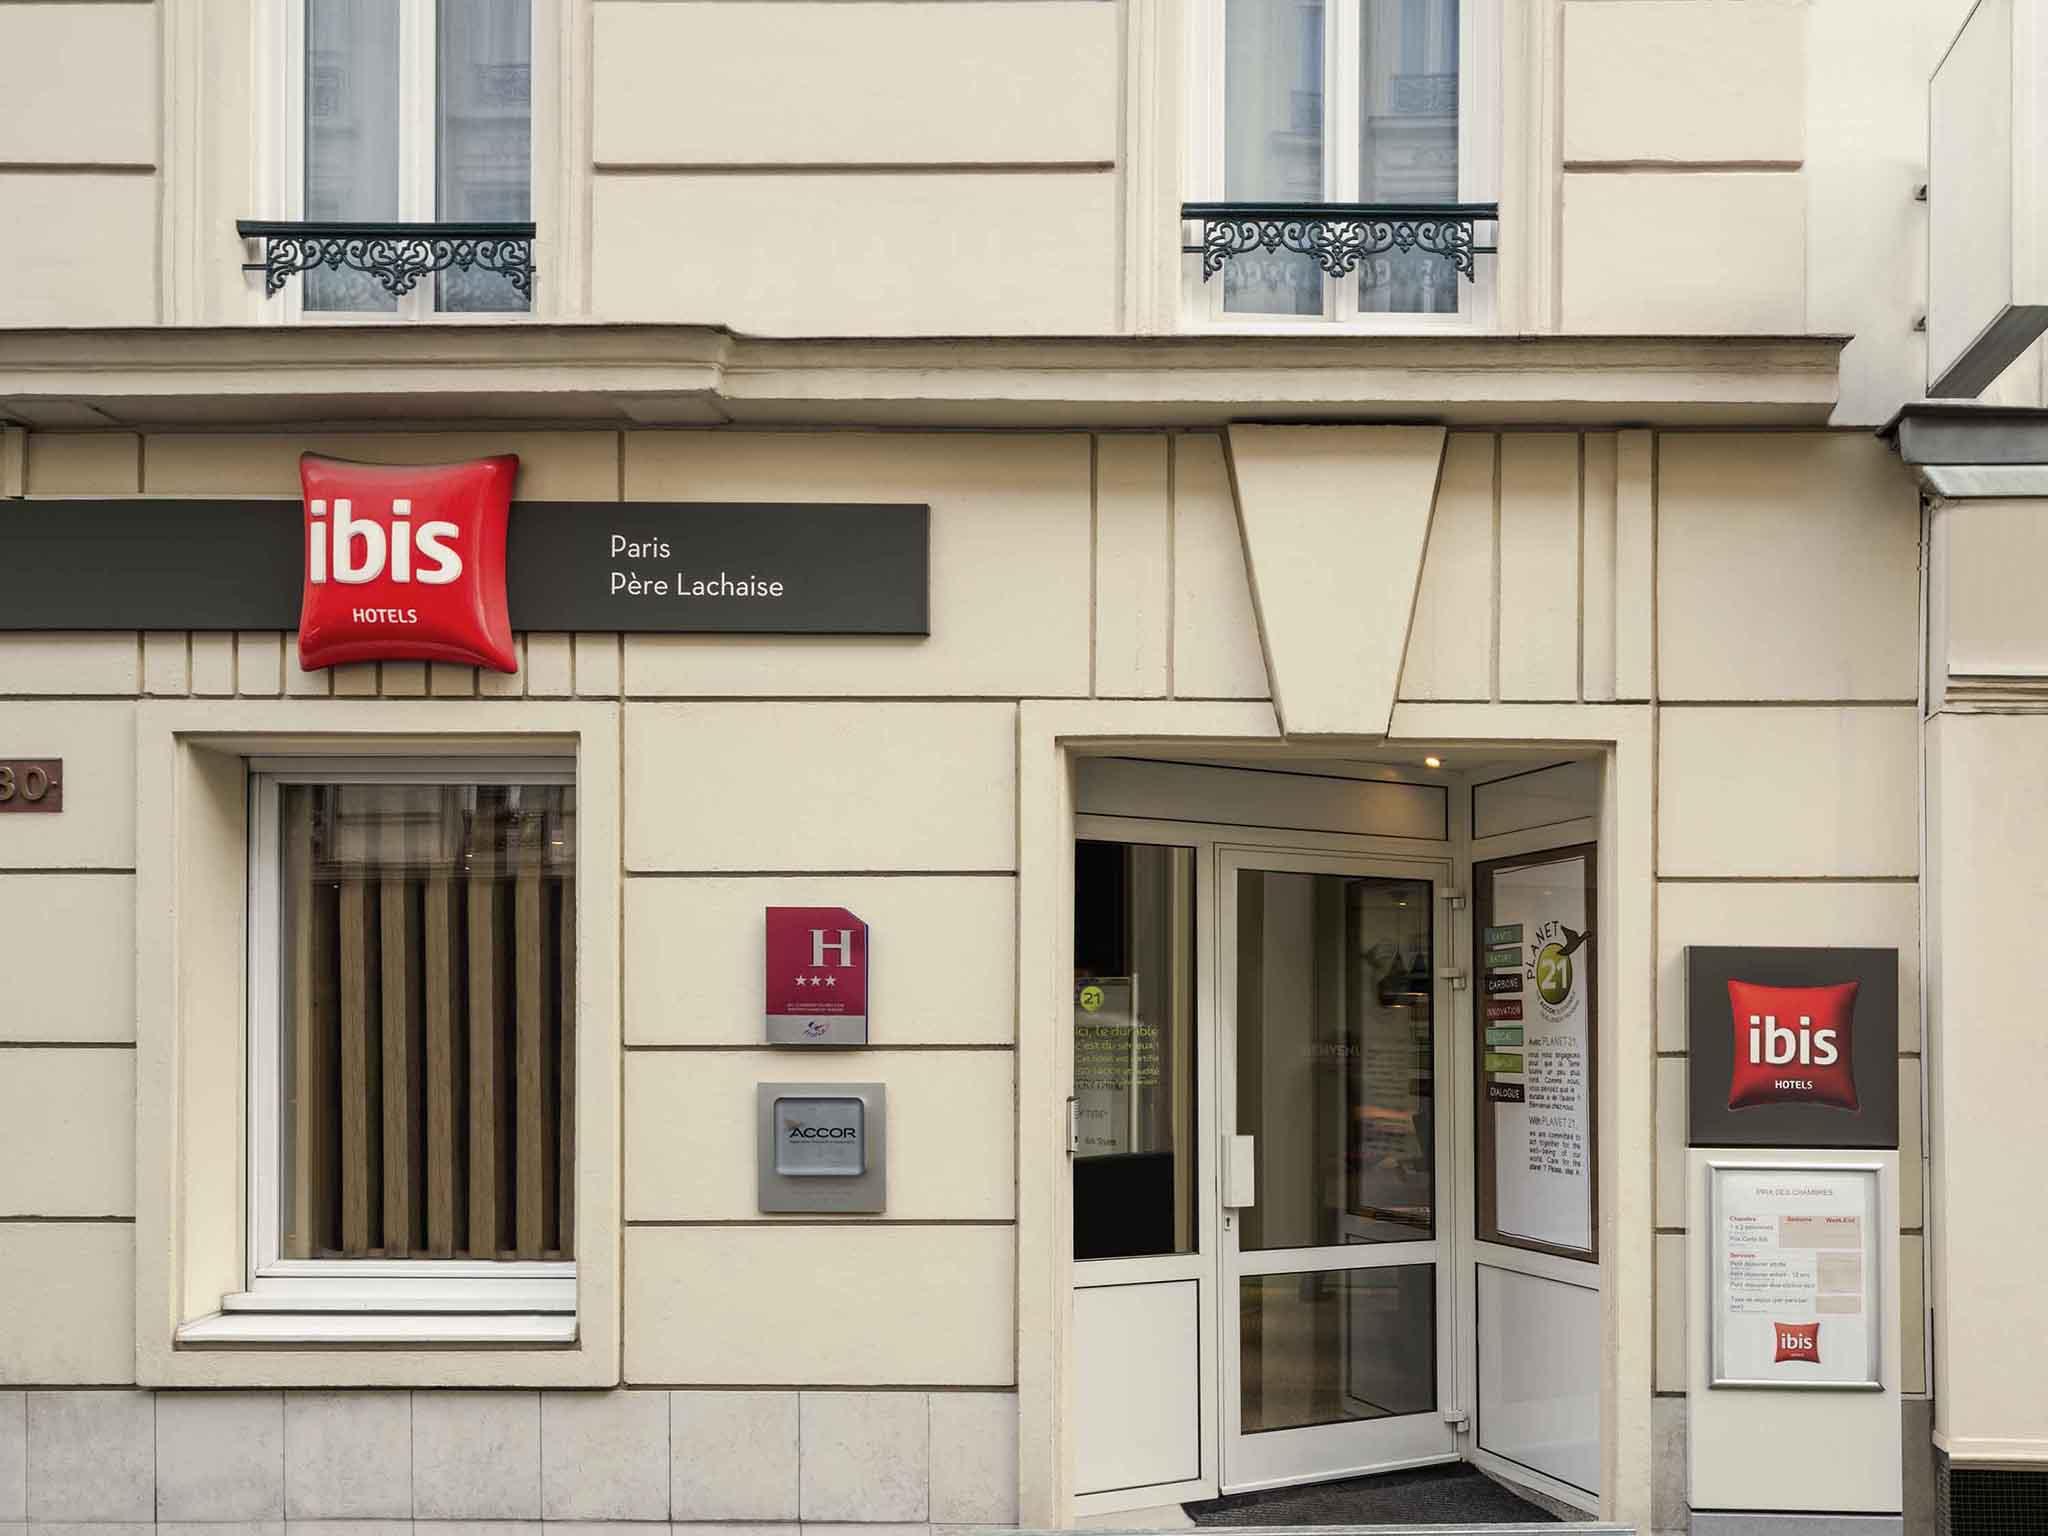 โรงแรม – ไอบิส ปารีส แปร์ ลาแชส